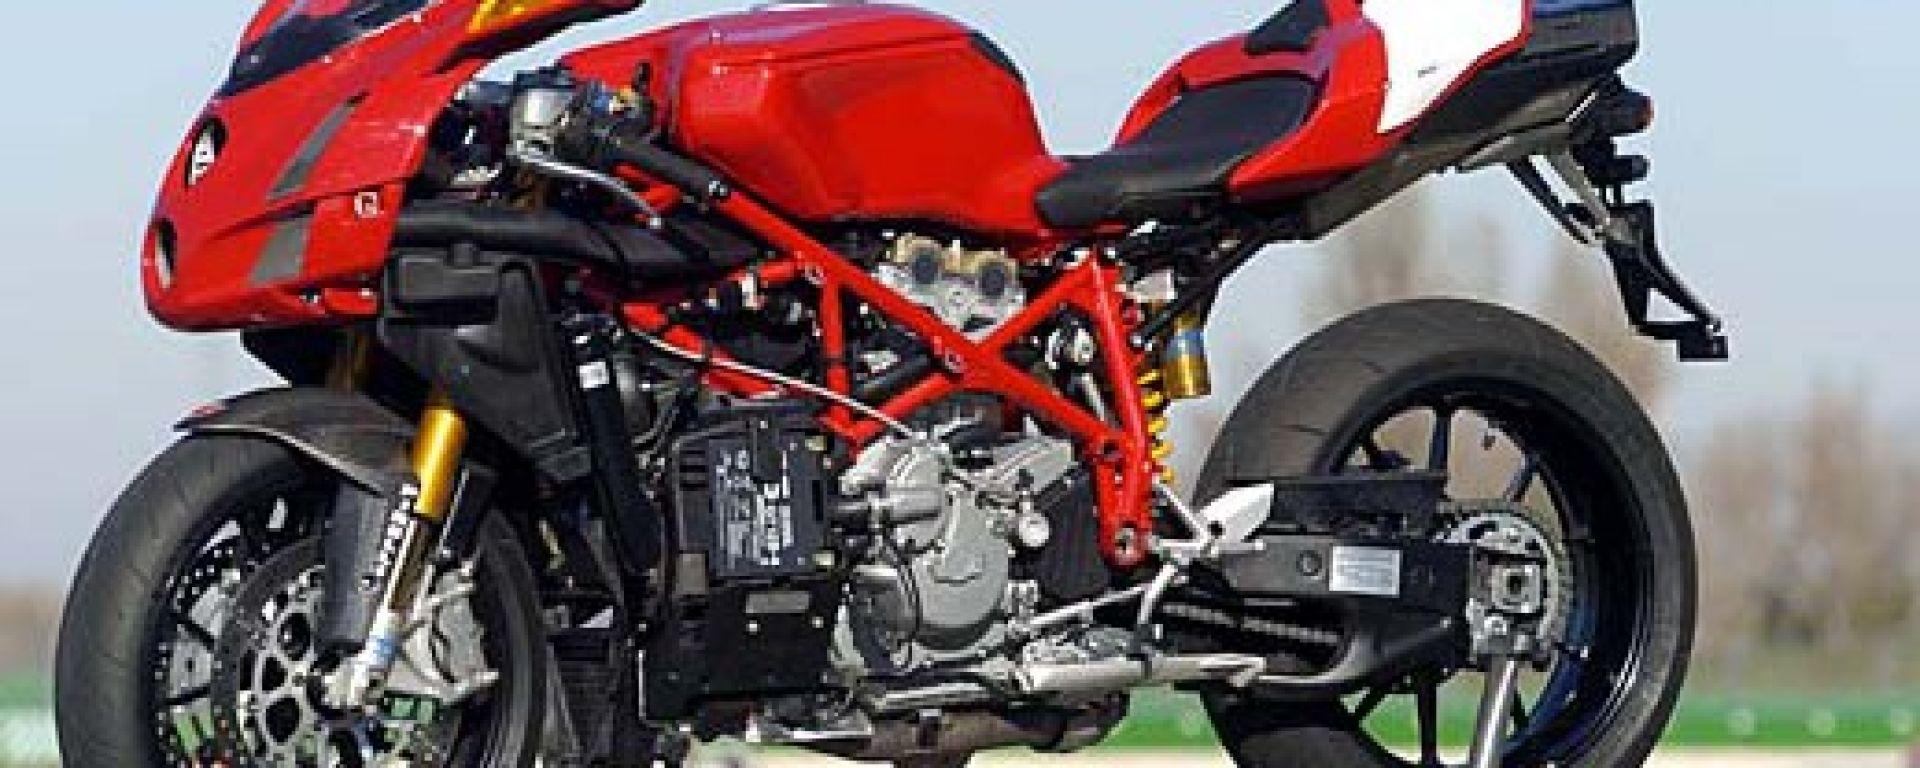 In sella a: Ducati 749R